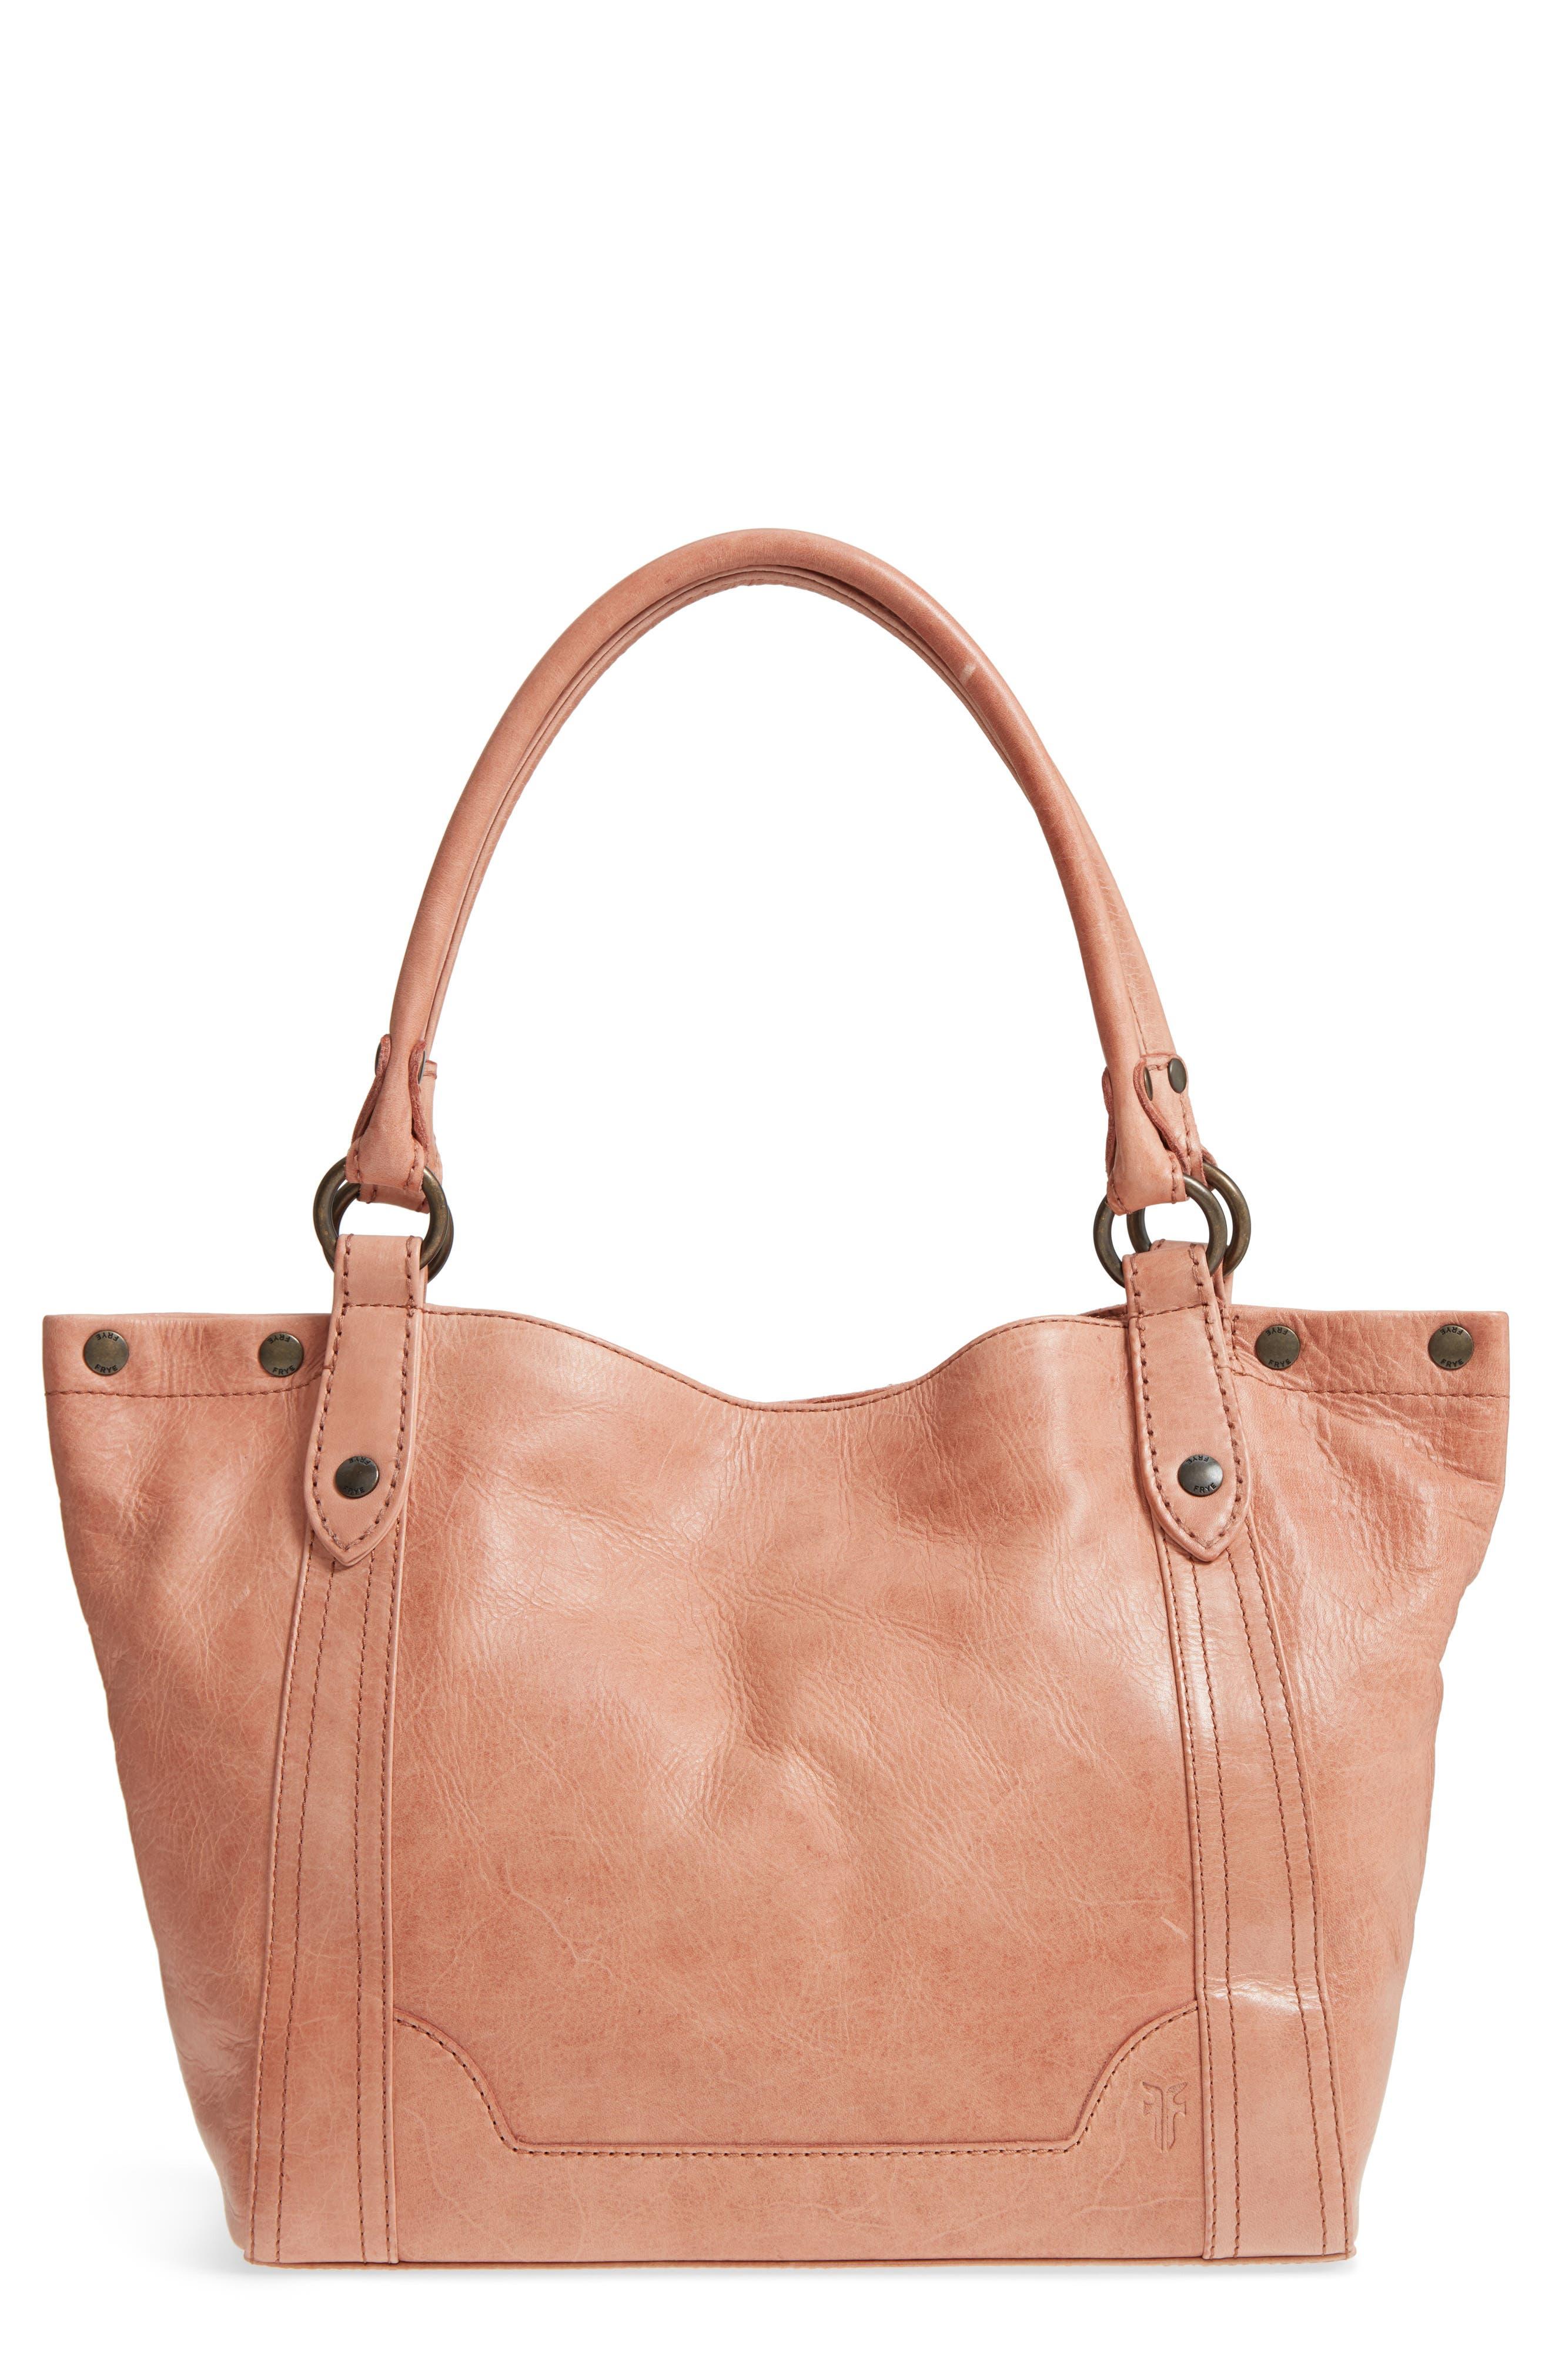 Melissa Leather Shoulder Bag,                         Main,                         color, DUSTY ROSE